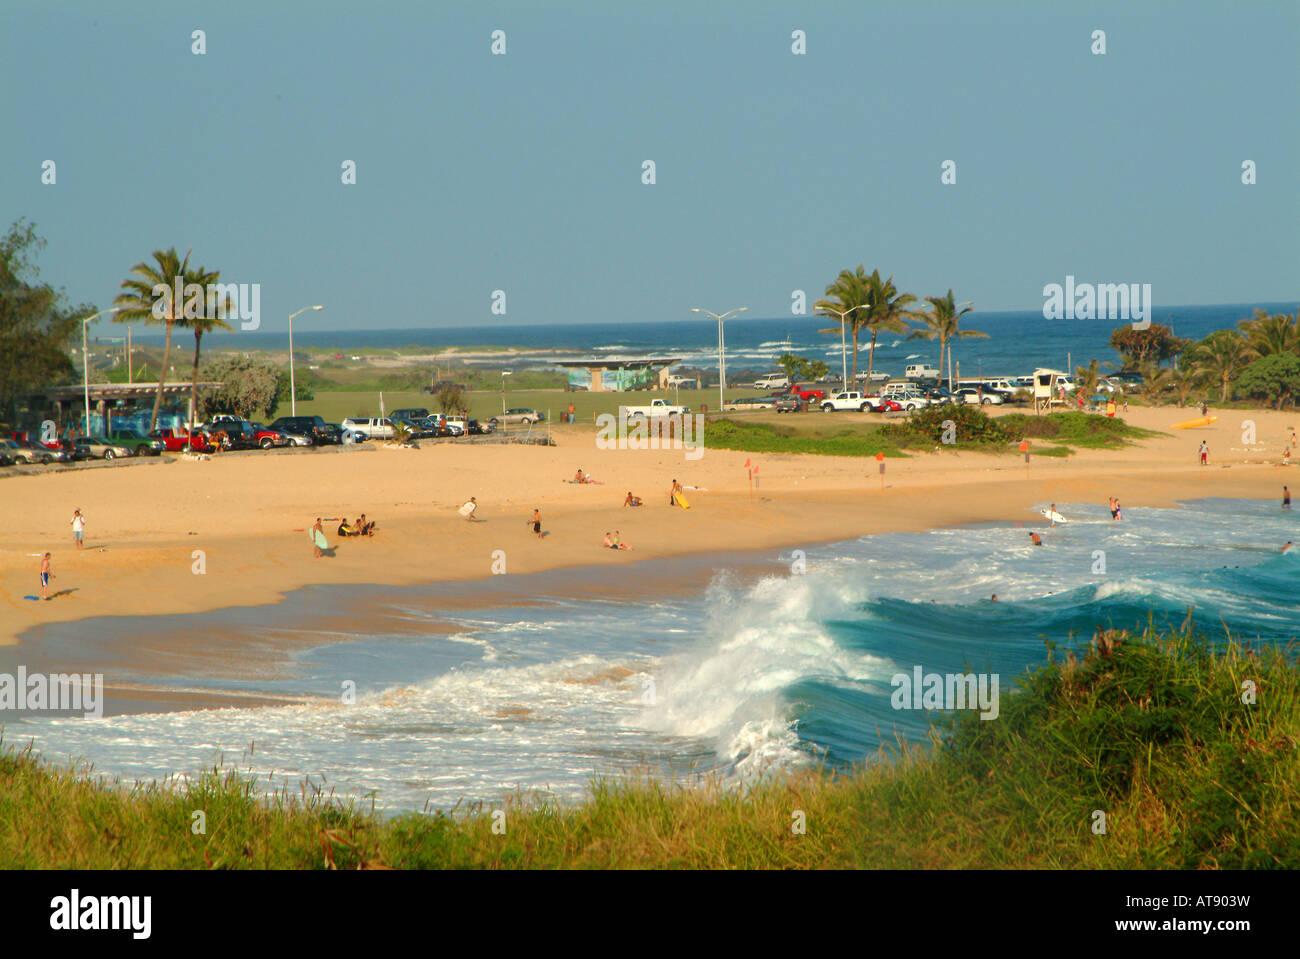 Sandstrand, einem berühmten bodysurfing Beach auf Oahu Osten Kaiwi Küste Stockfoto